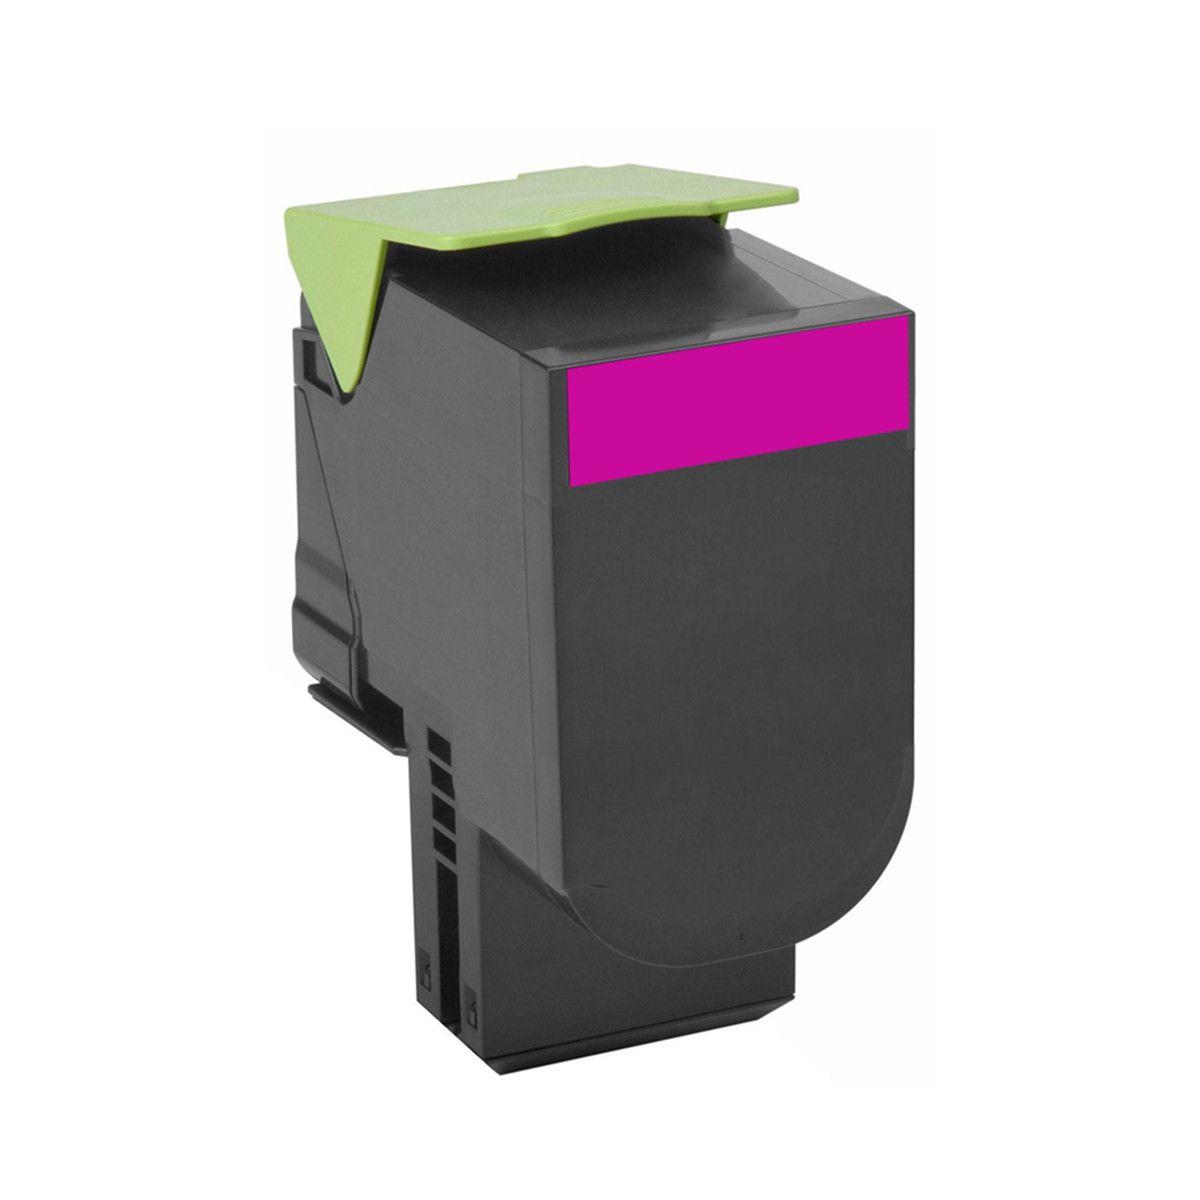 Chip compatível com Lexmark [71B40M0]  CS317/417/517 Magenta 2.300 Páginas - Cartucho & Cia